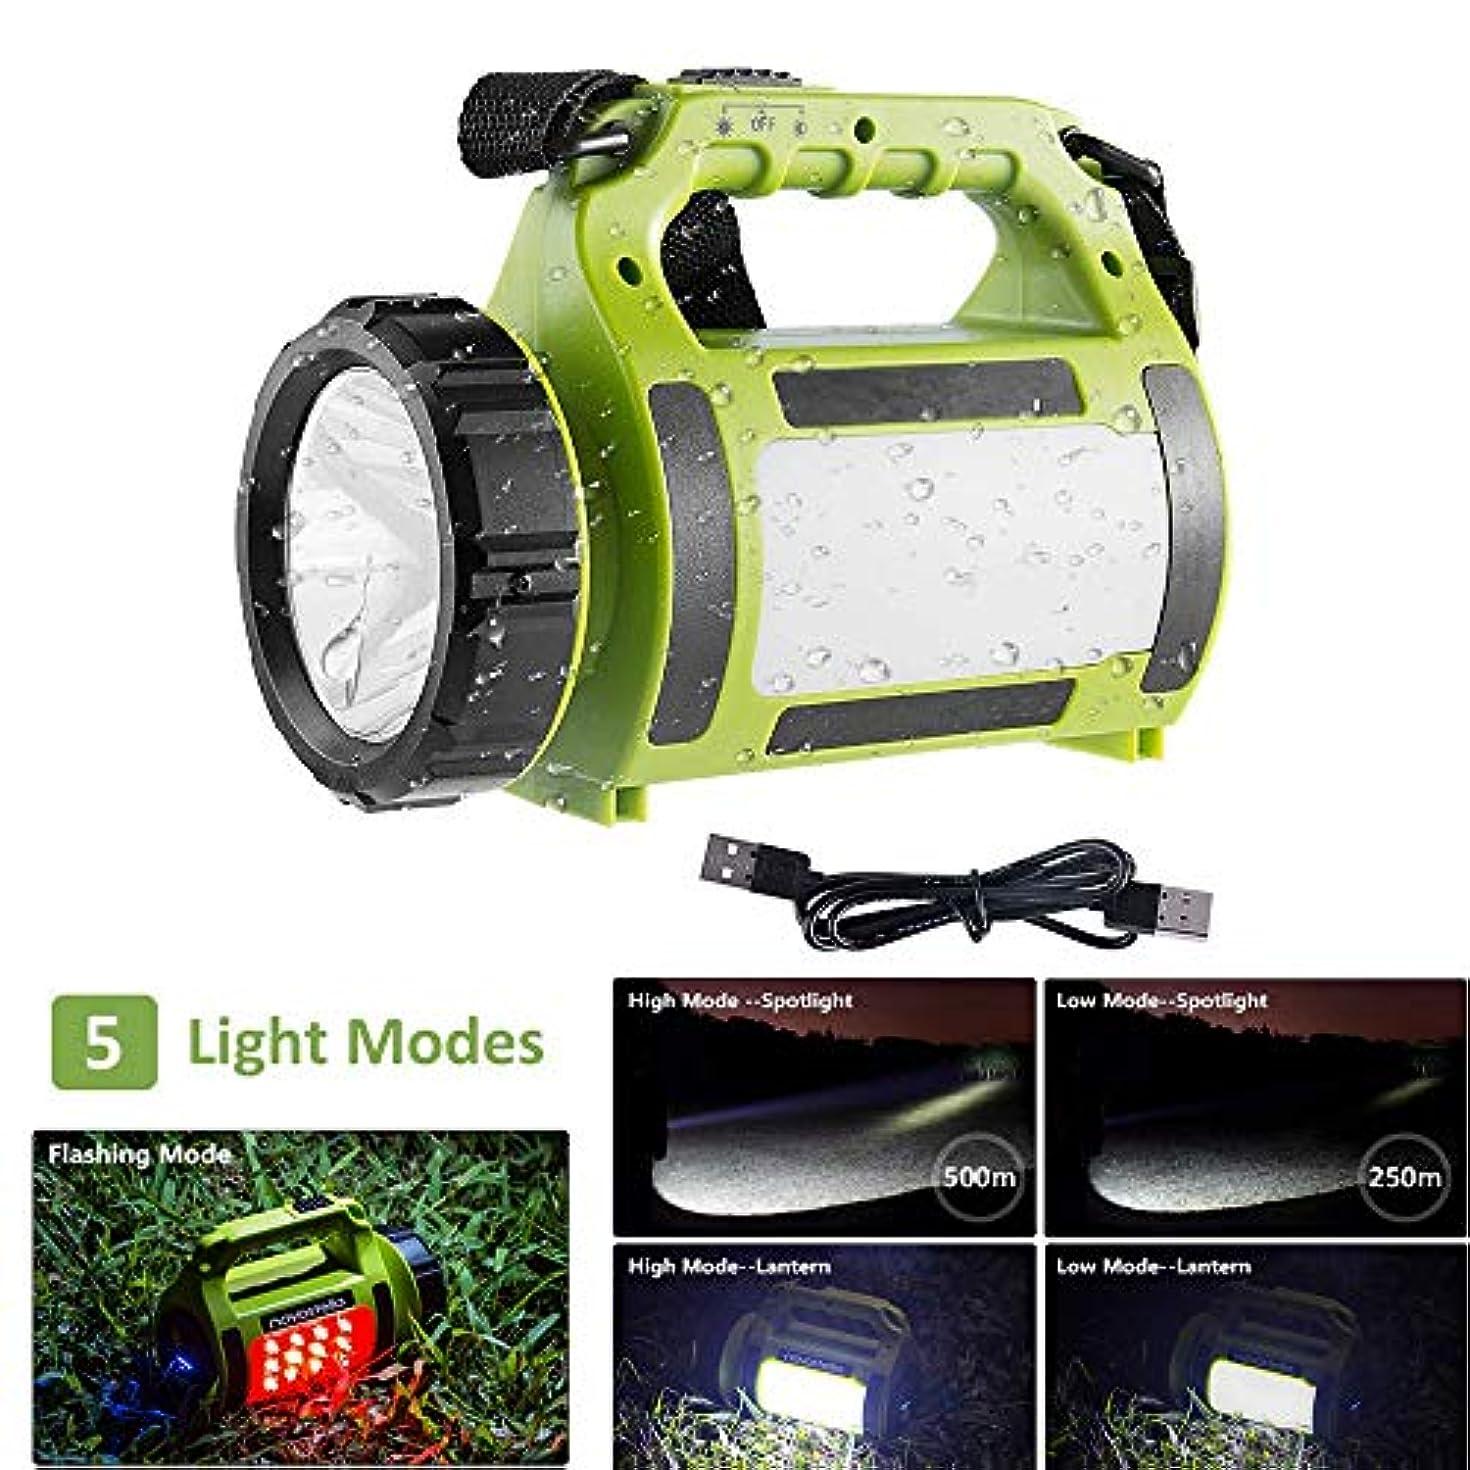 望みキャラクター人生を作るポータブル充電式LEDトーチ、多機能キャンプライト、LEDサーチライト防水スポットライト、非常ランプ軽量のランタン650lm、アウトドア用ハイキング